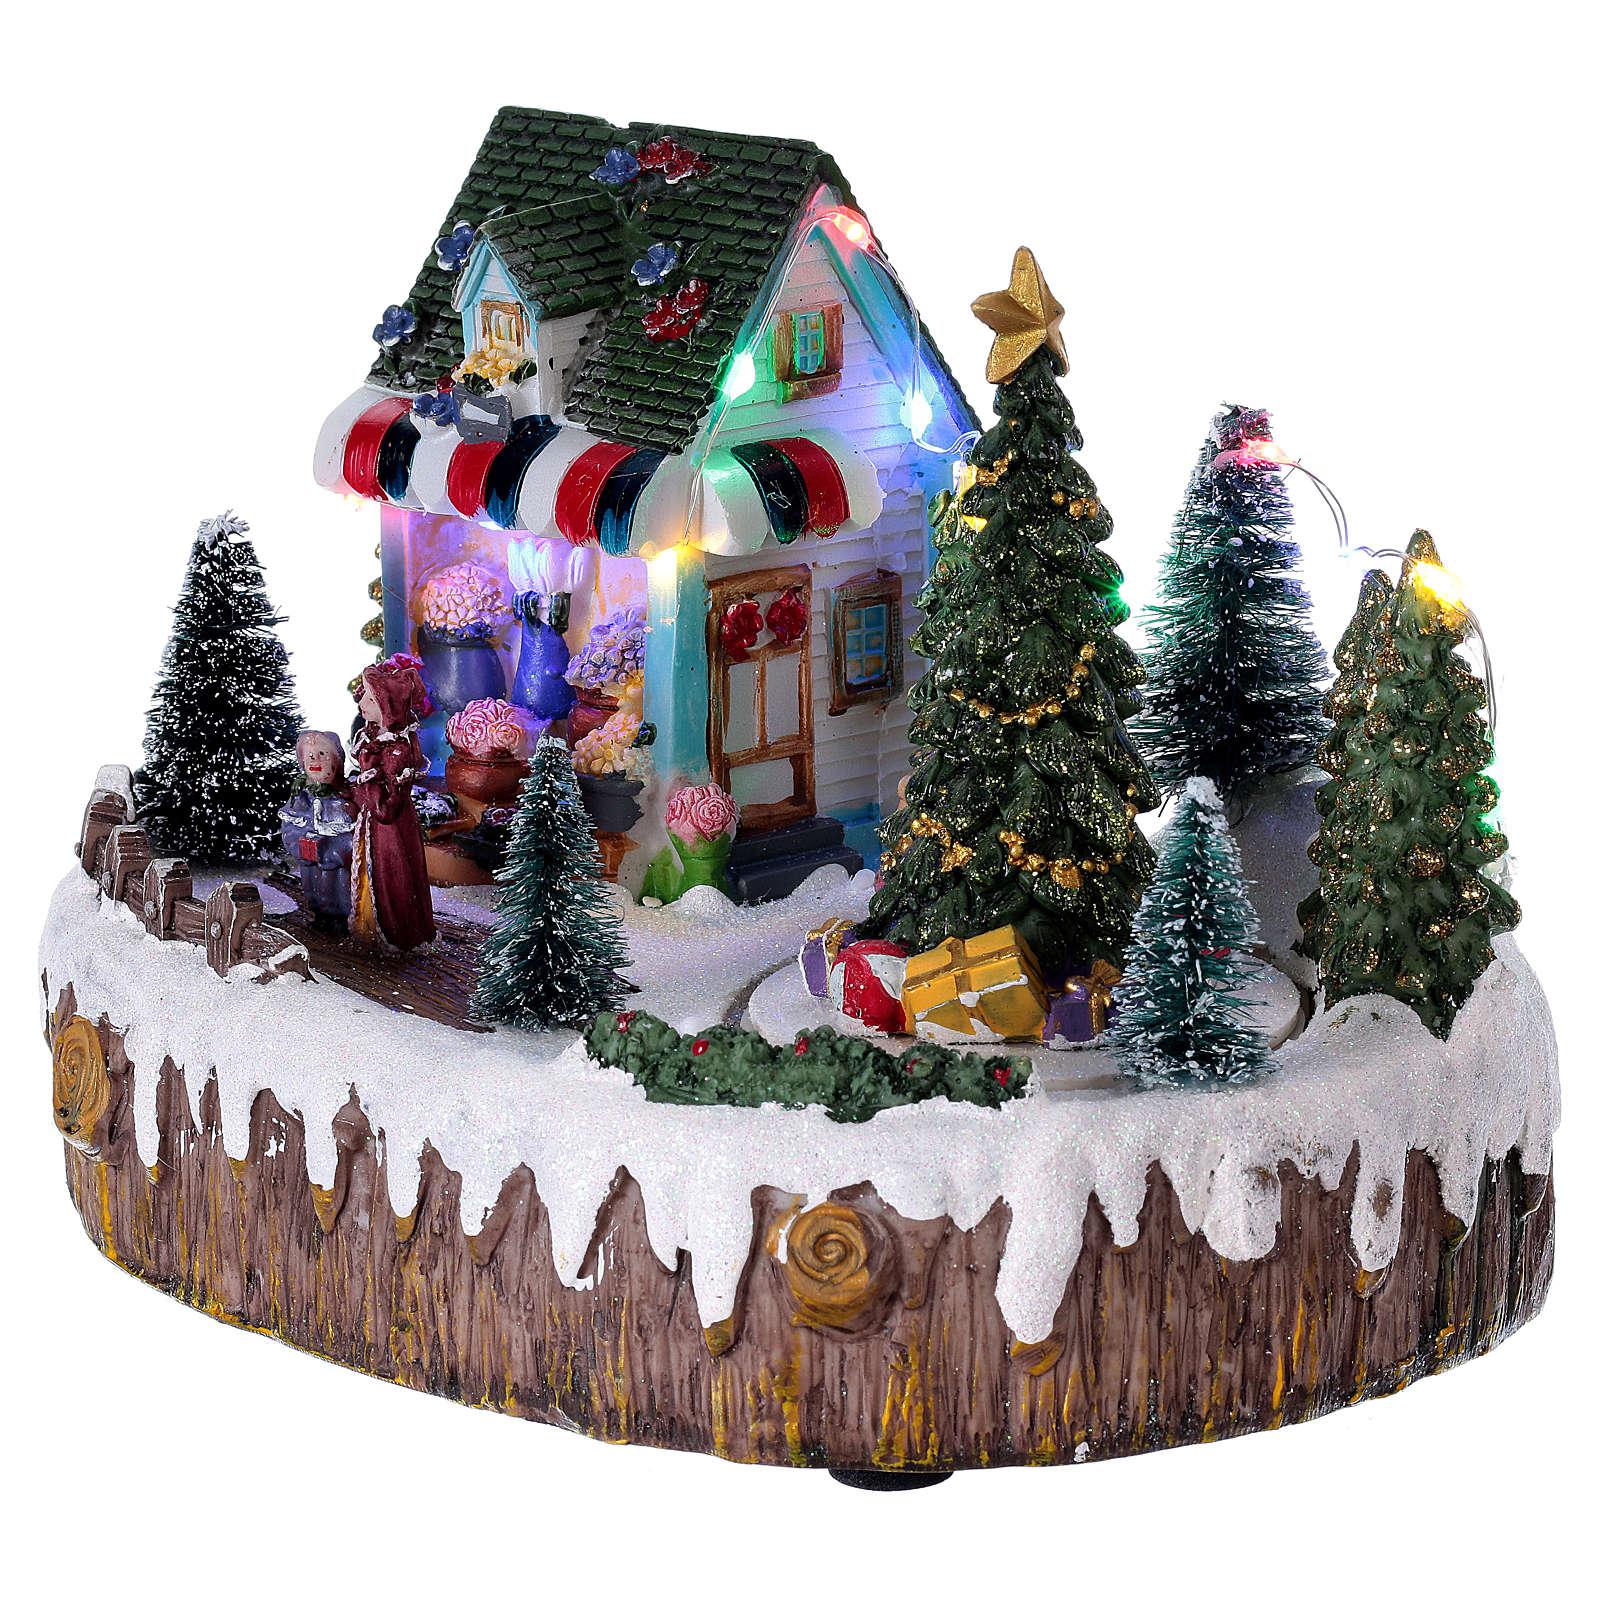 Village de Noël 15x25x10 cm magasin lumières musique mouvement sapin 3